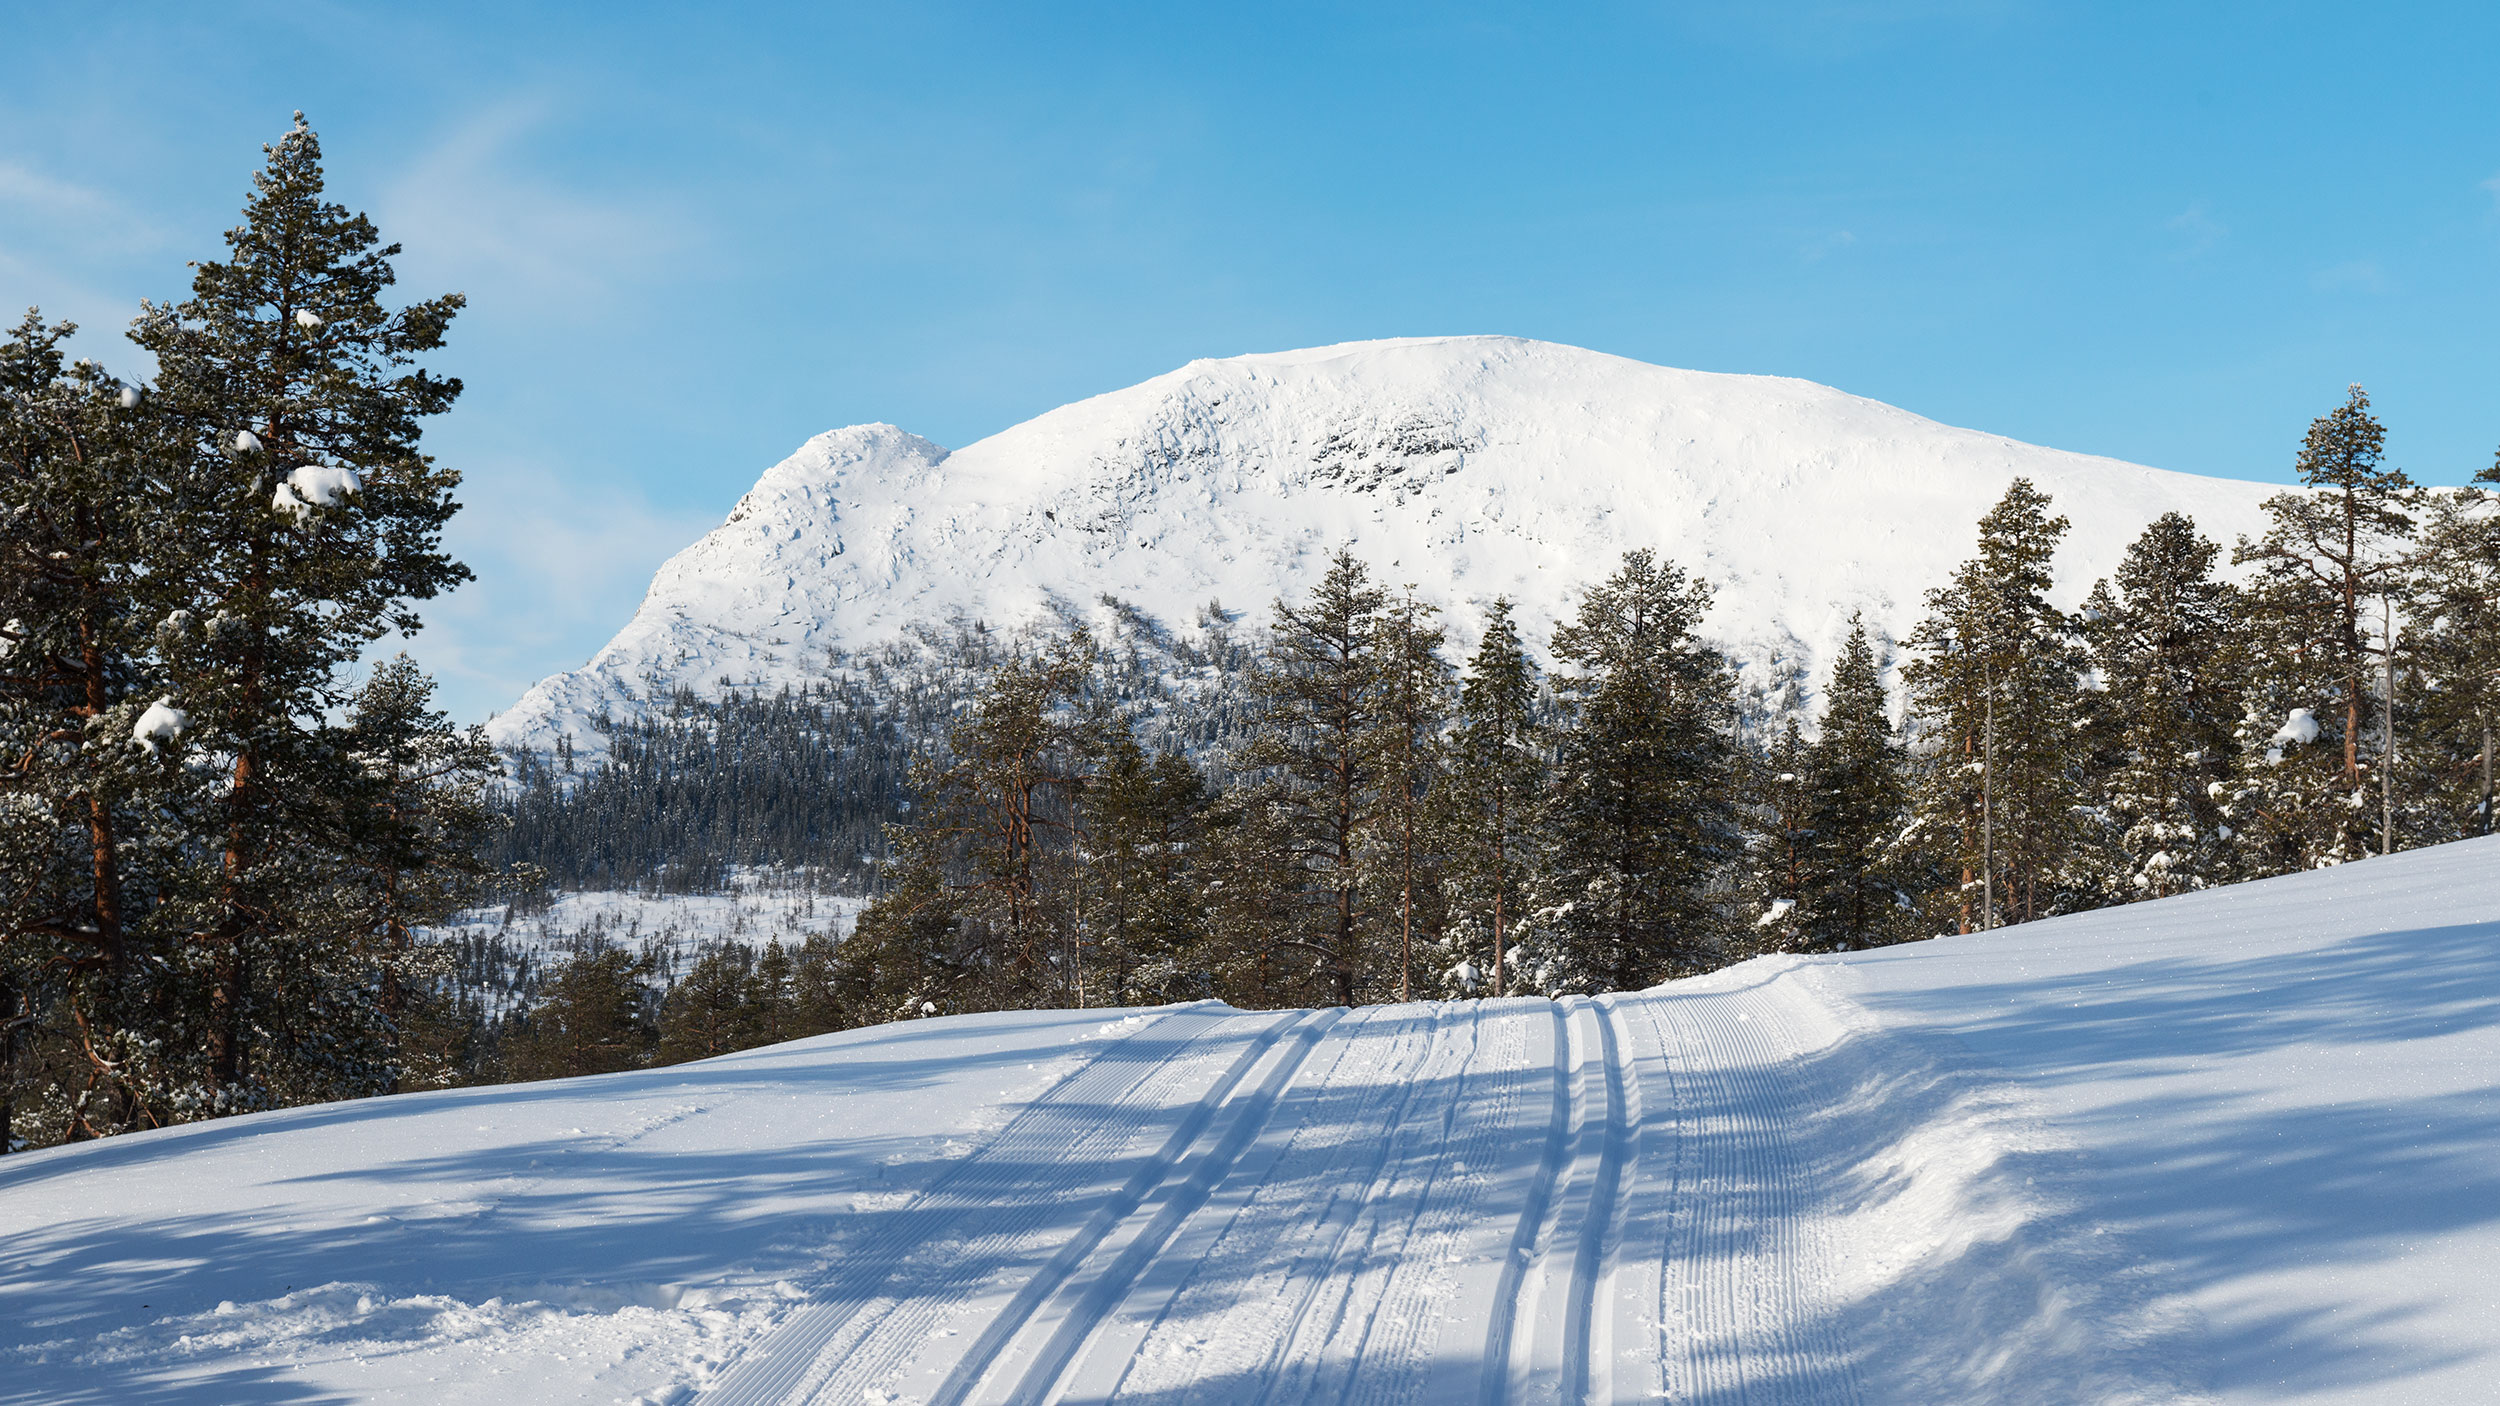 skisporet.no - Oversikt over oppkjørte løyper